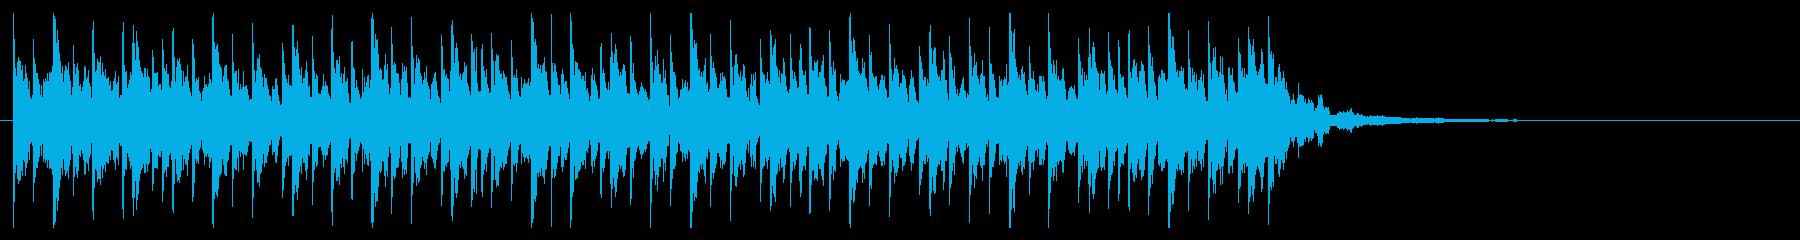 爽快でポップなEDMジングルの再生済みの波形